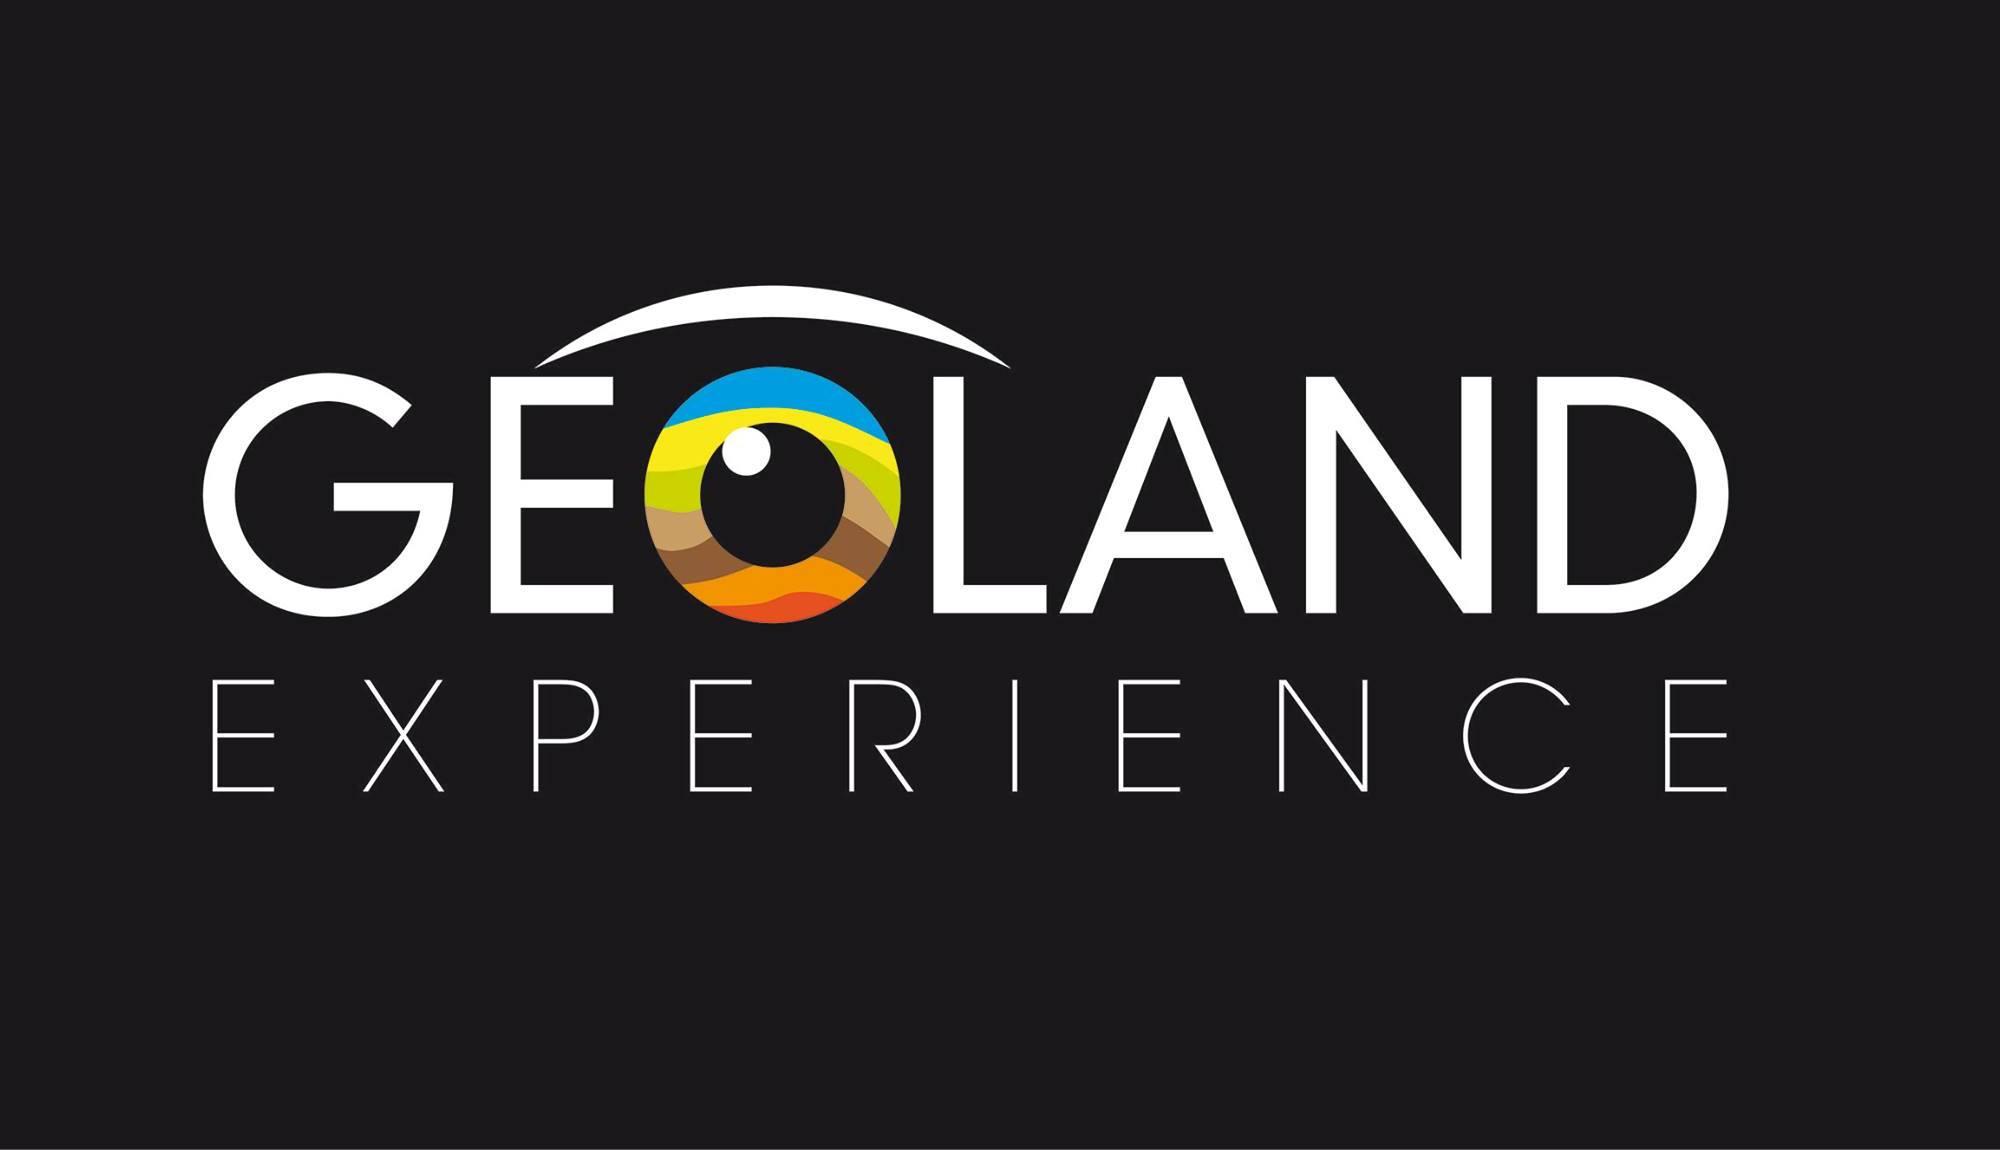 Geoland experiencie, observa el silencio apartamentos alcañiz turismo